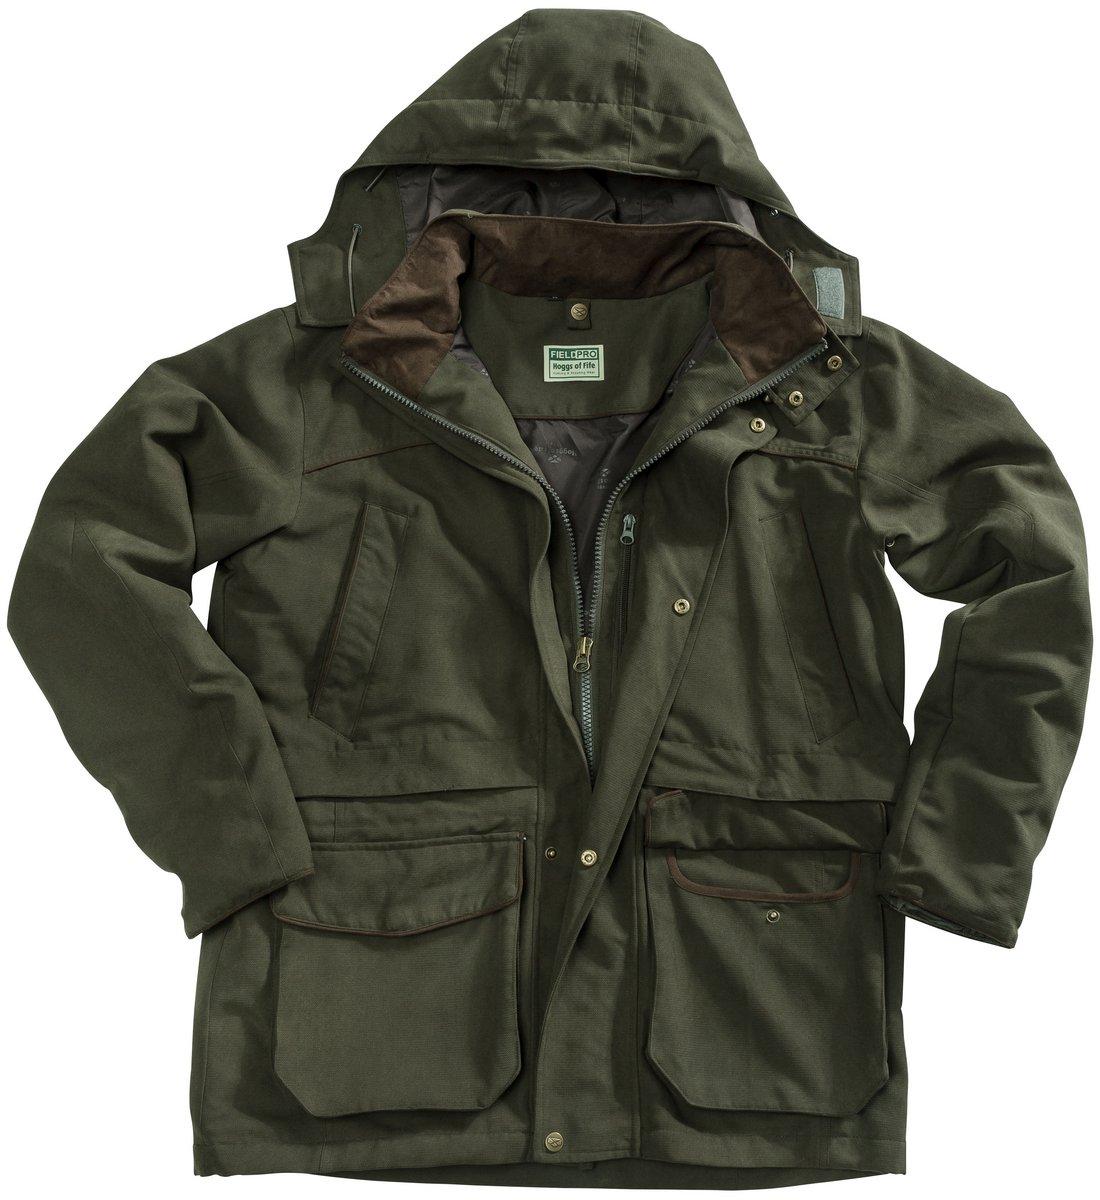 Kincraig Field Jacket